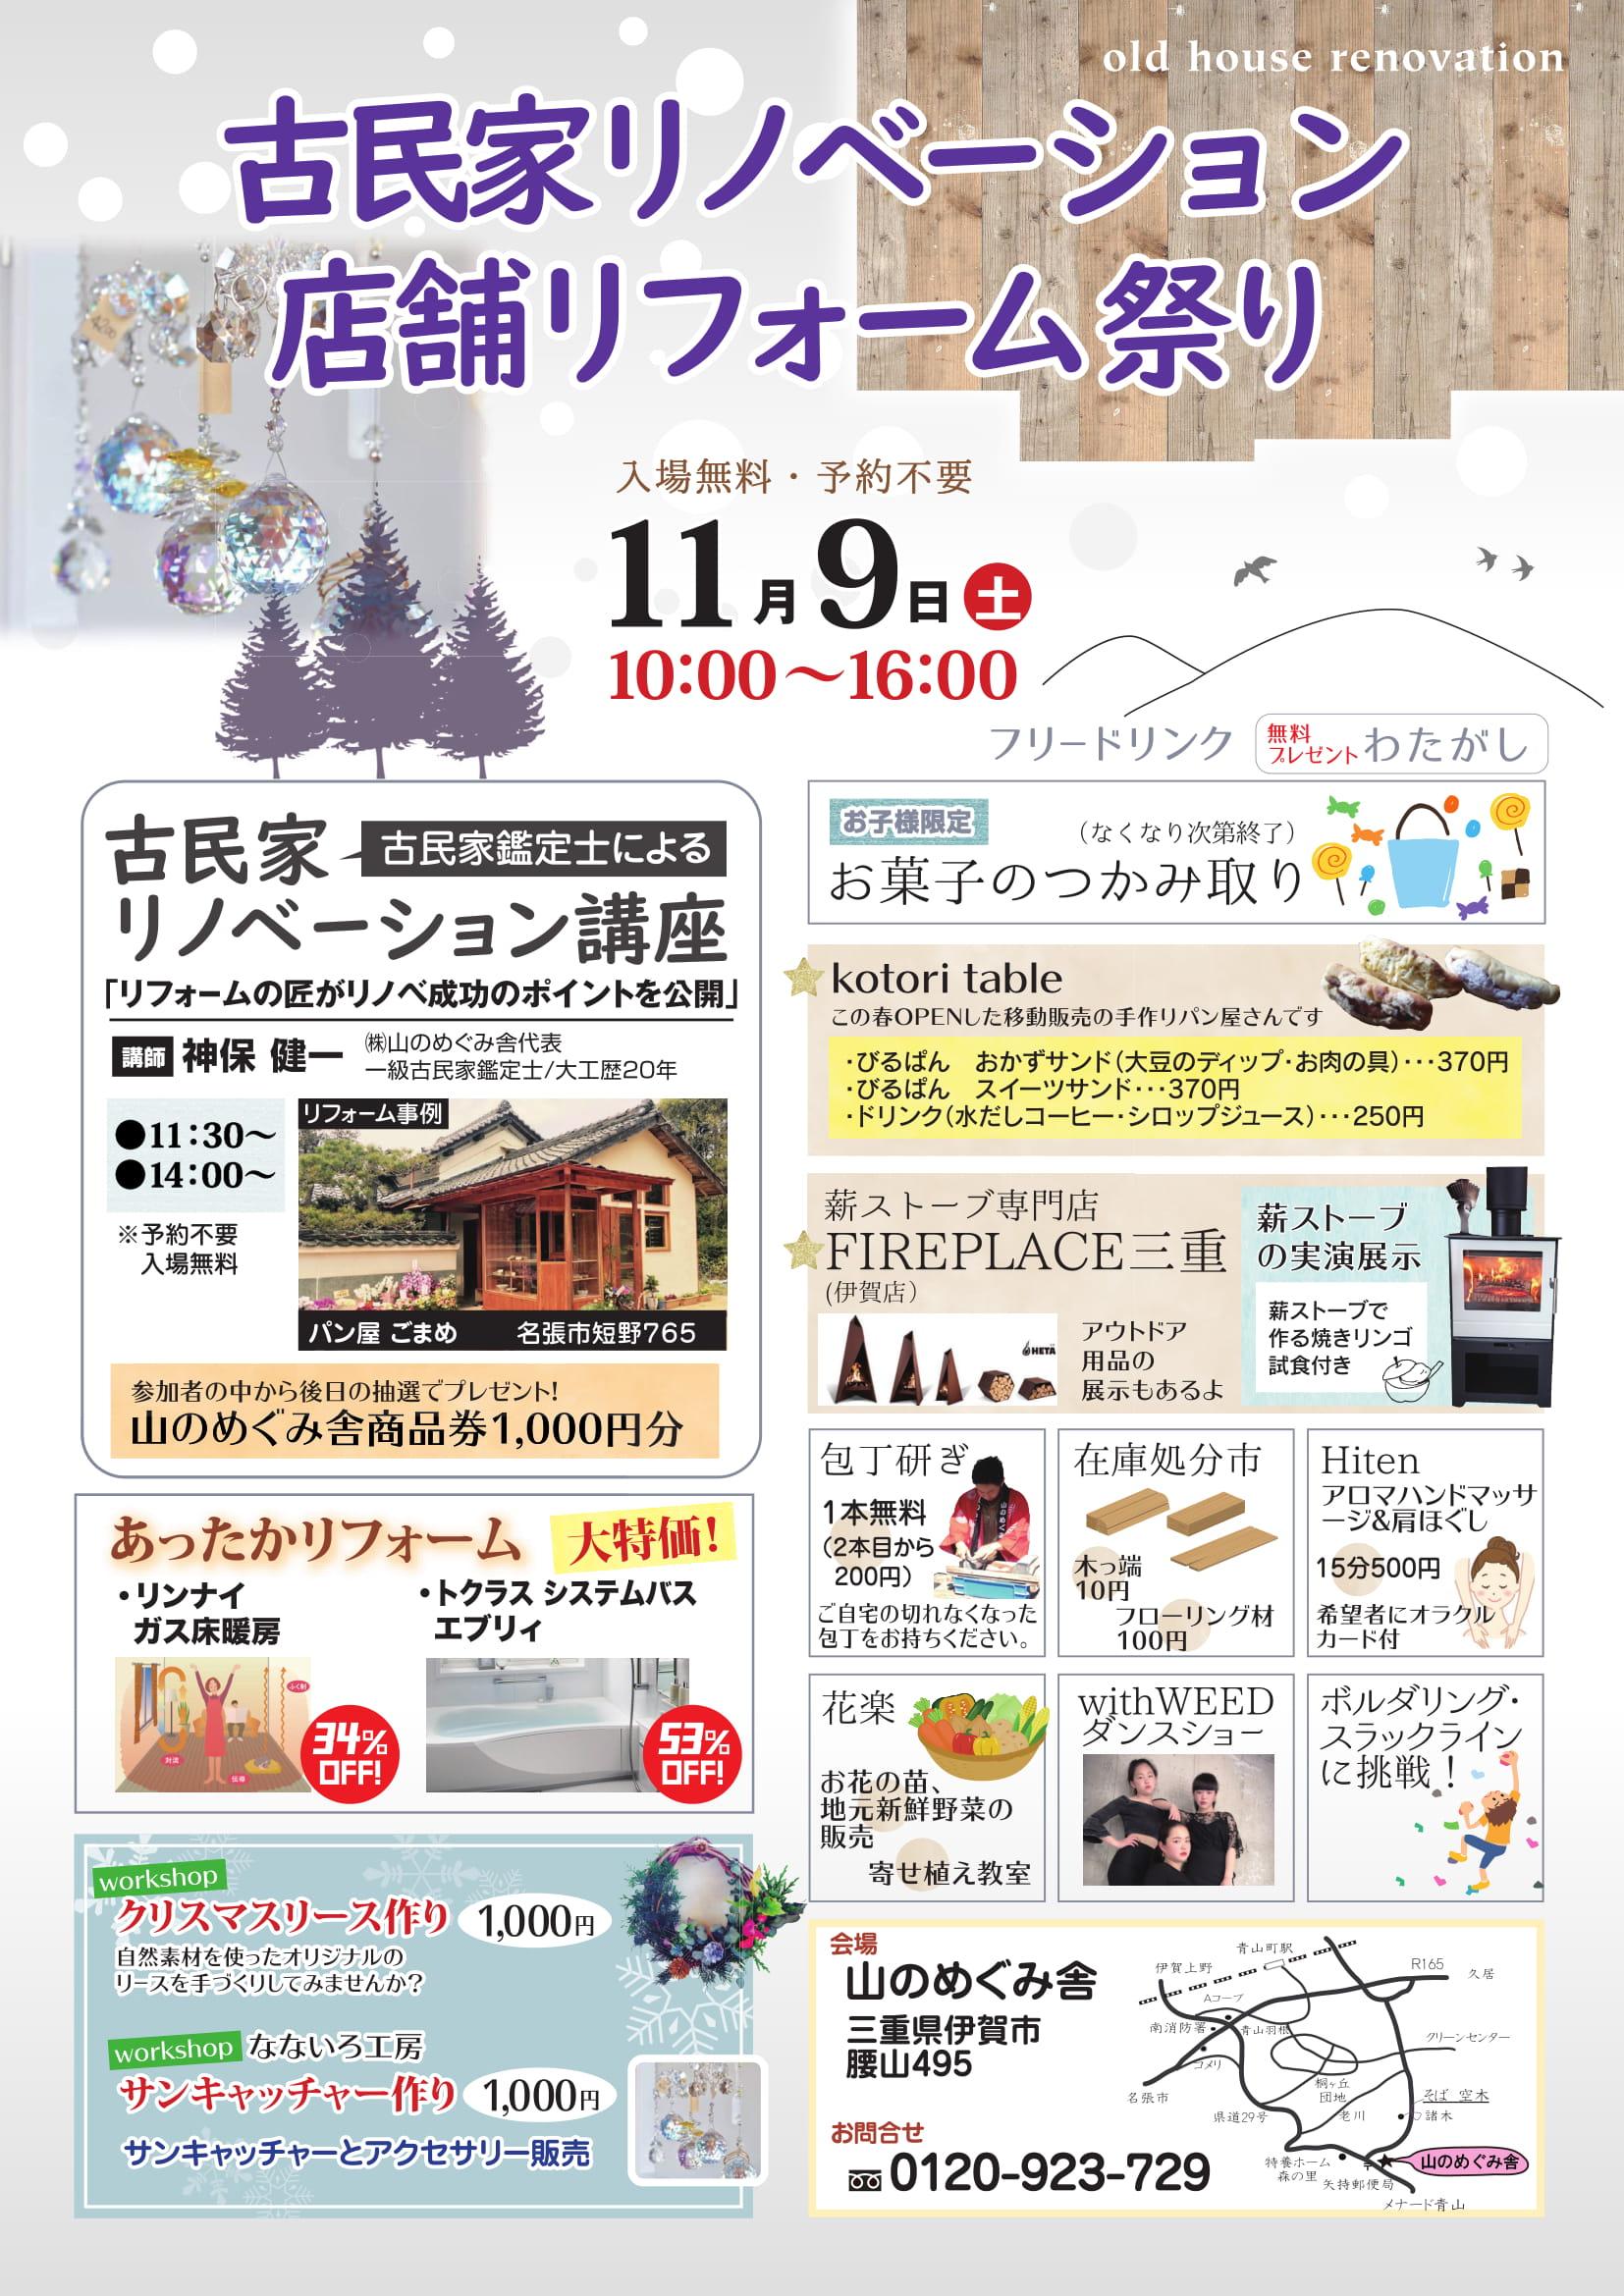 古民家リノベーション祭り&店舗リノベーション相談会